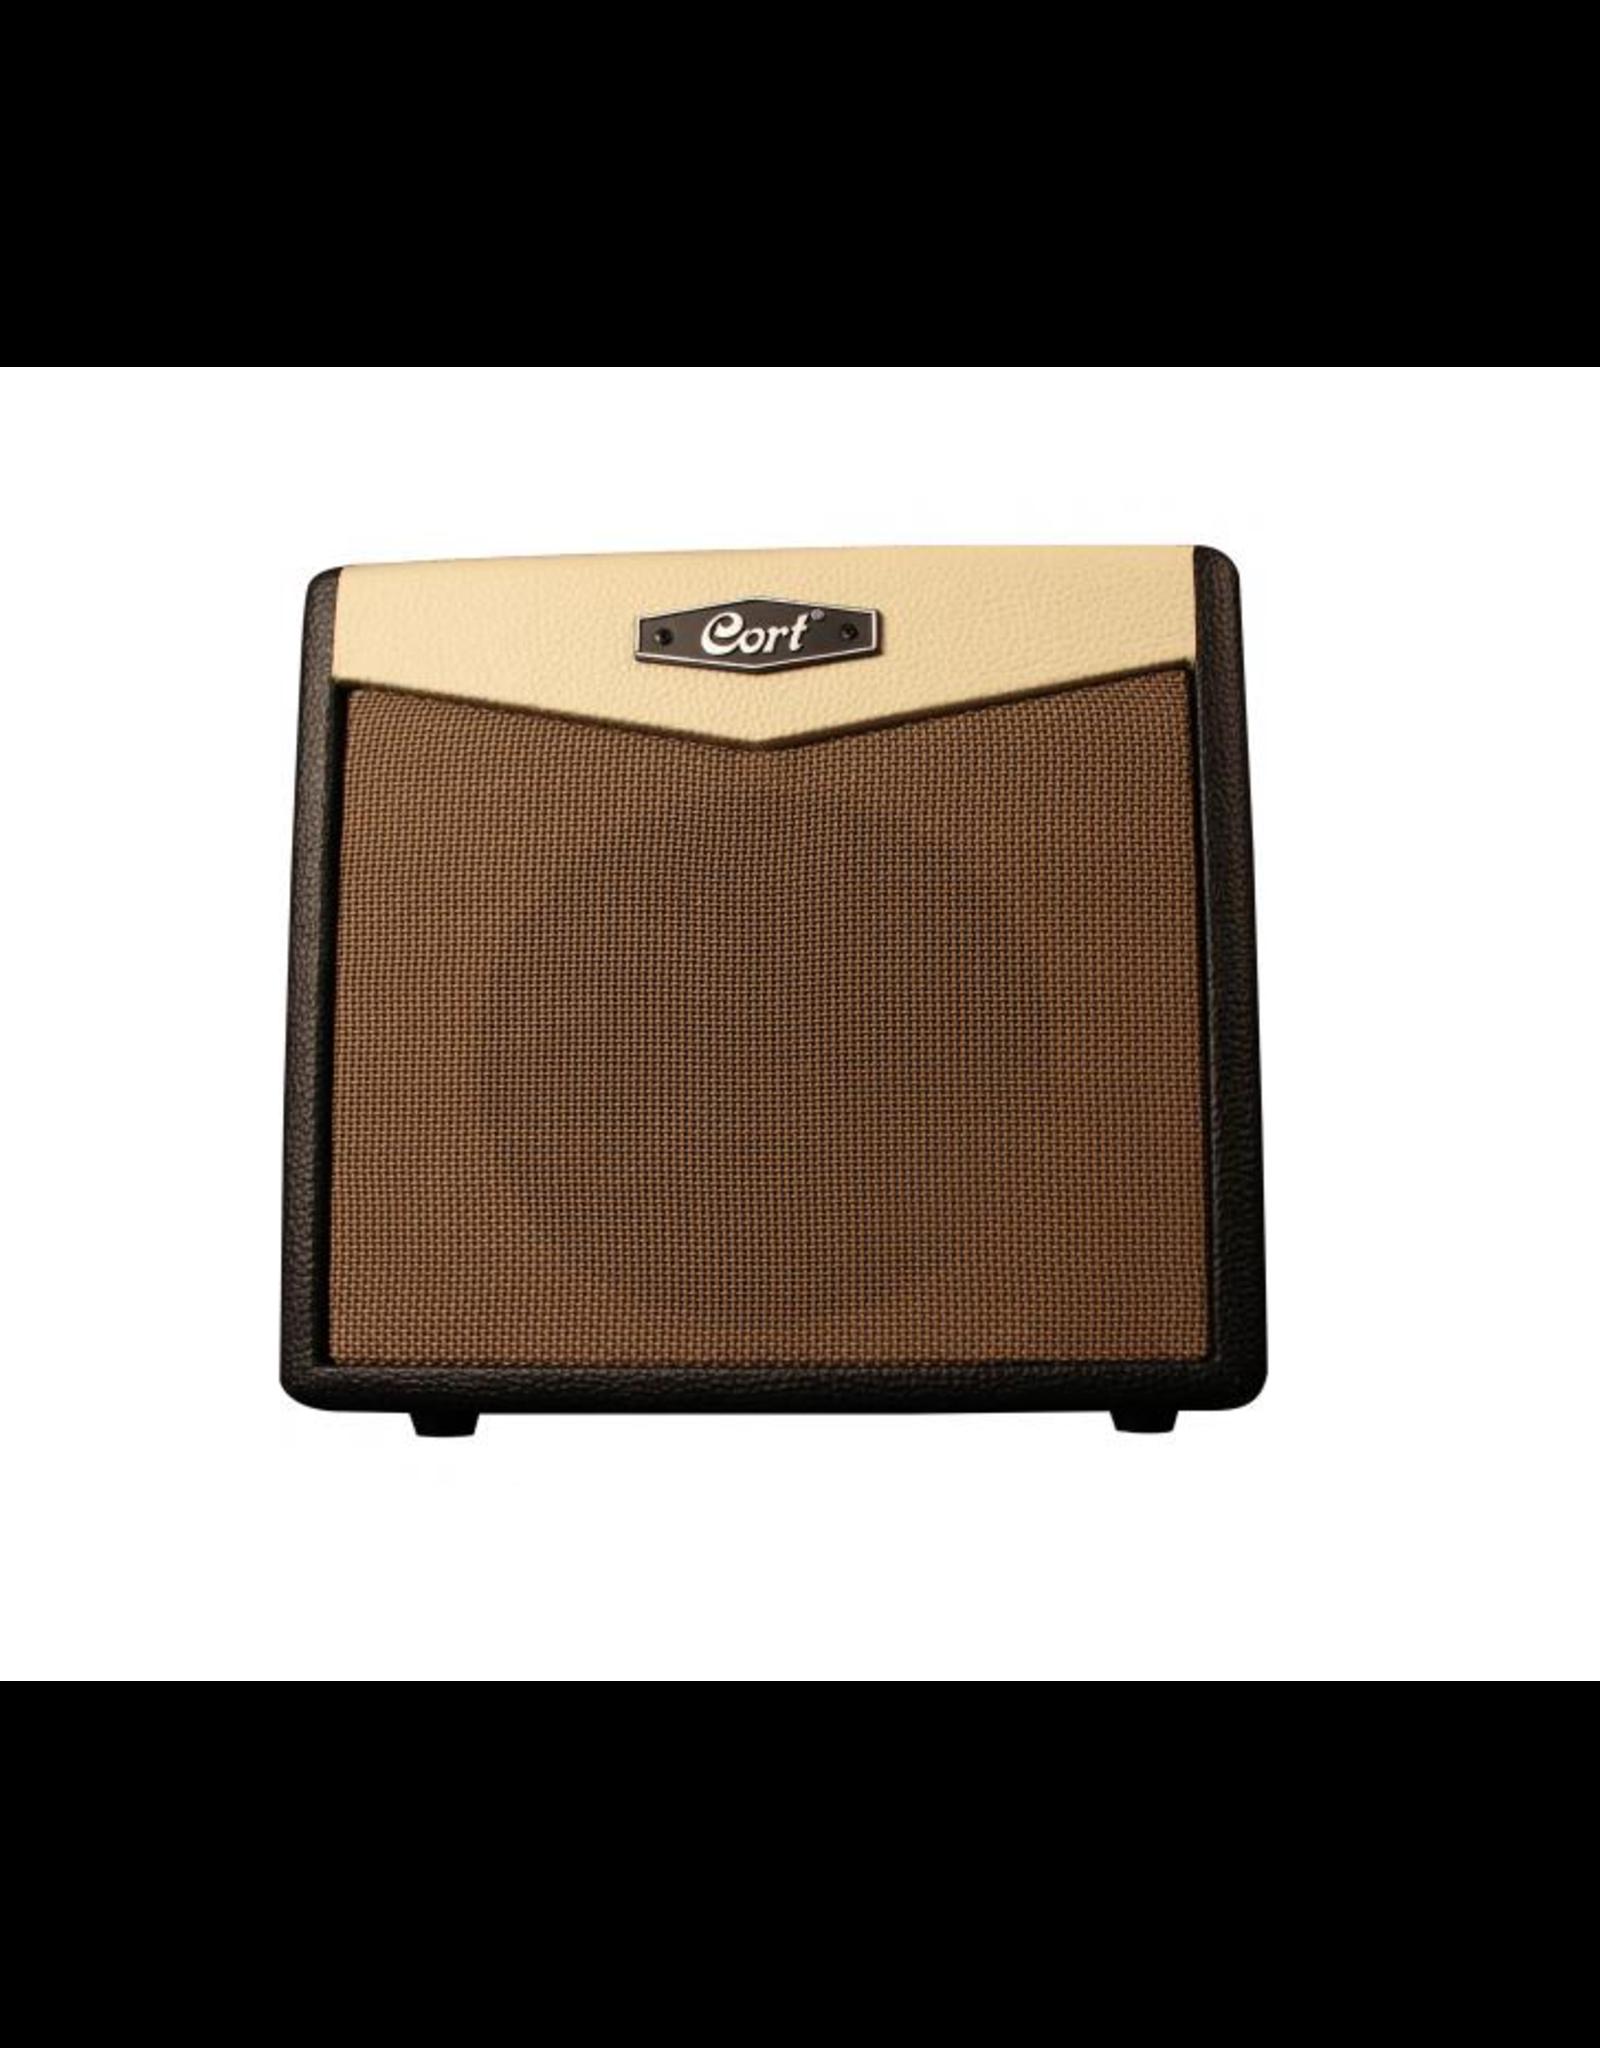 cort Cort CM15R Black 15 watt gitaarversterker combo